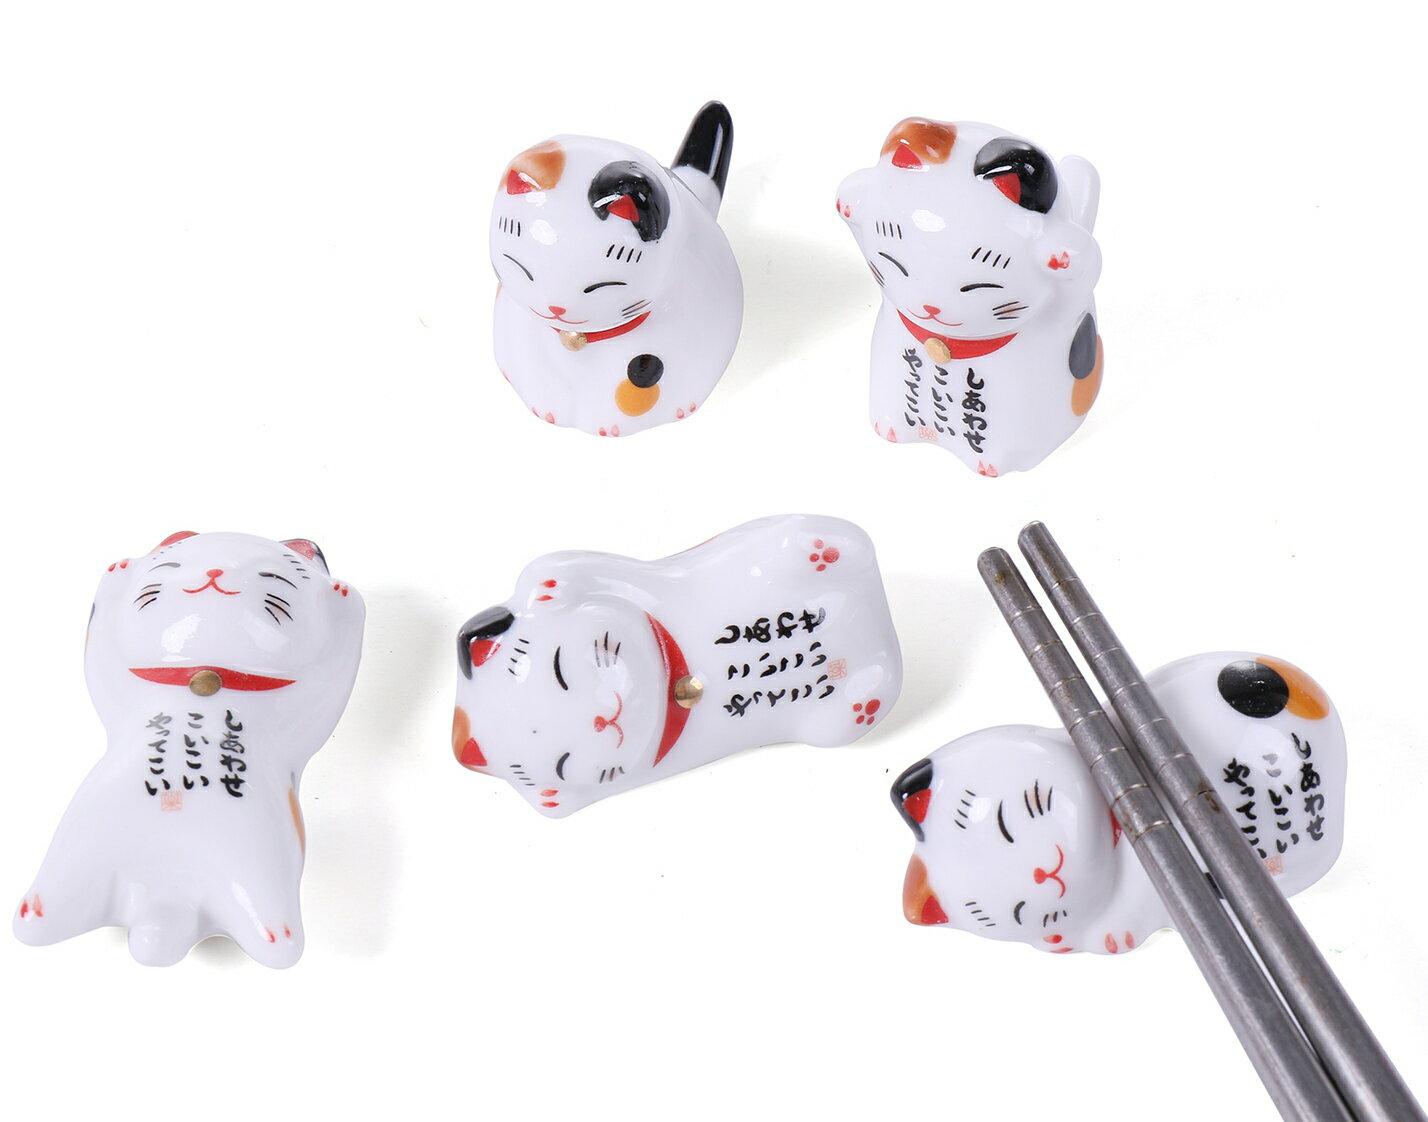 かわいい 招き猫 しあわせ 猫 ねこ 箸置き はし置き 5個セット 食卓 テーブル カトラリー インテリア 【送料無料】ctr-h09